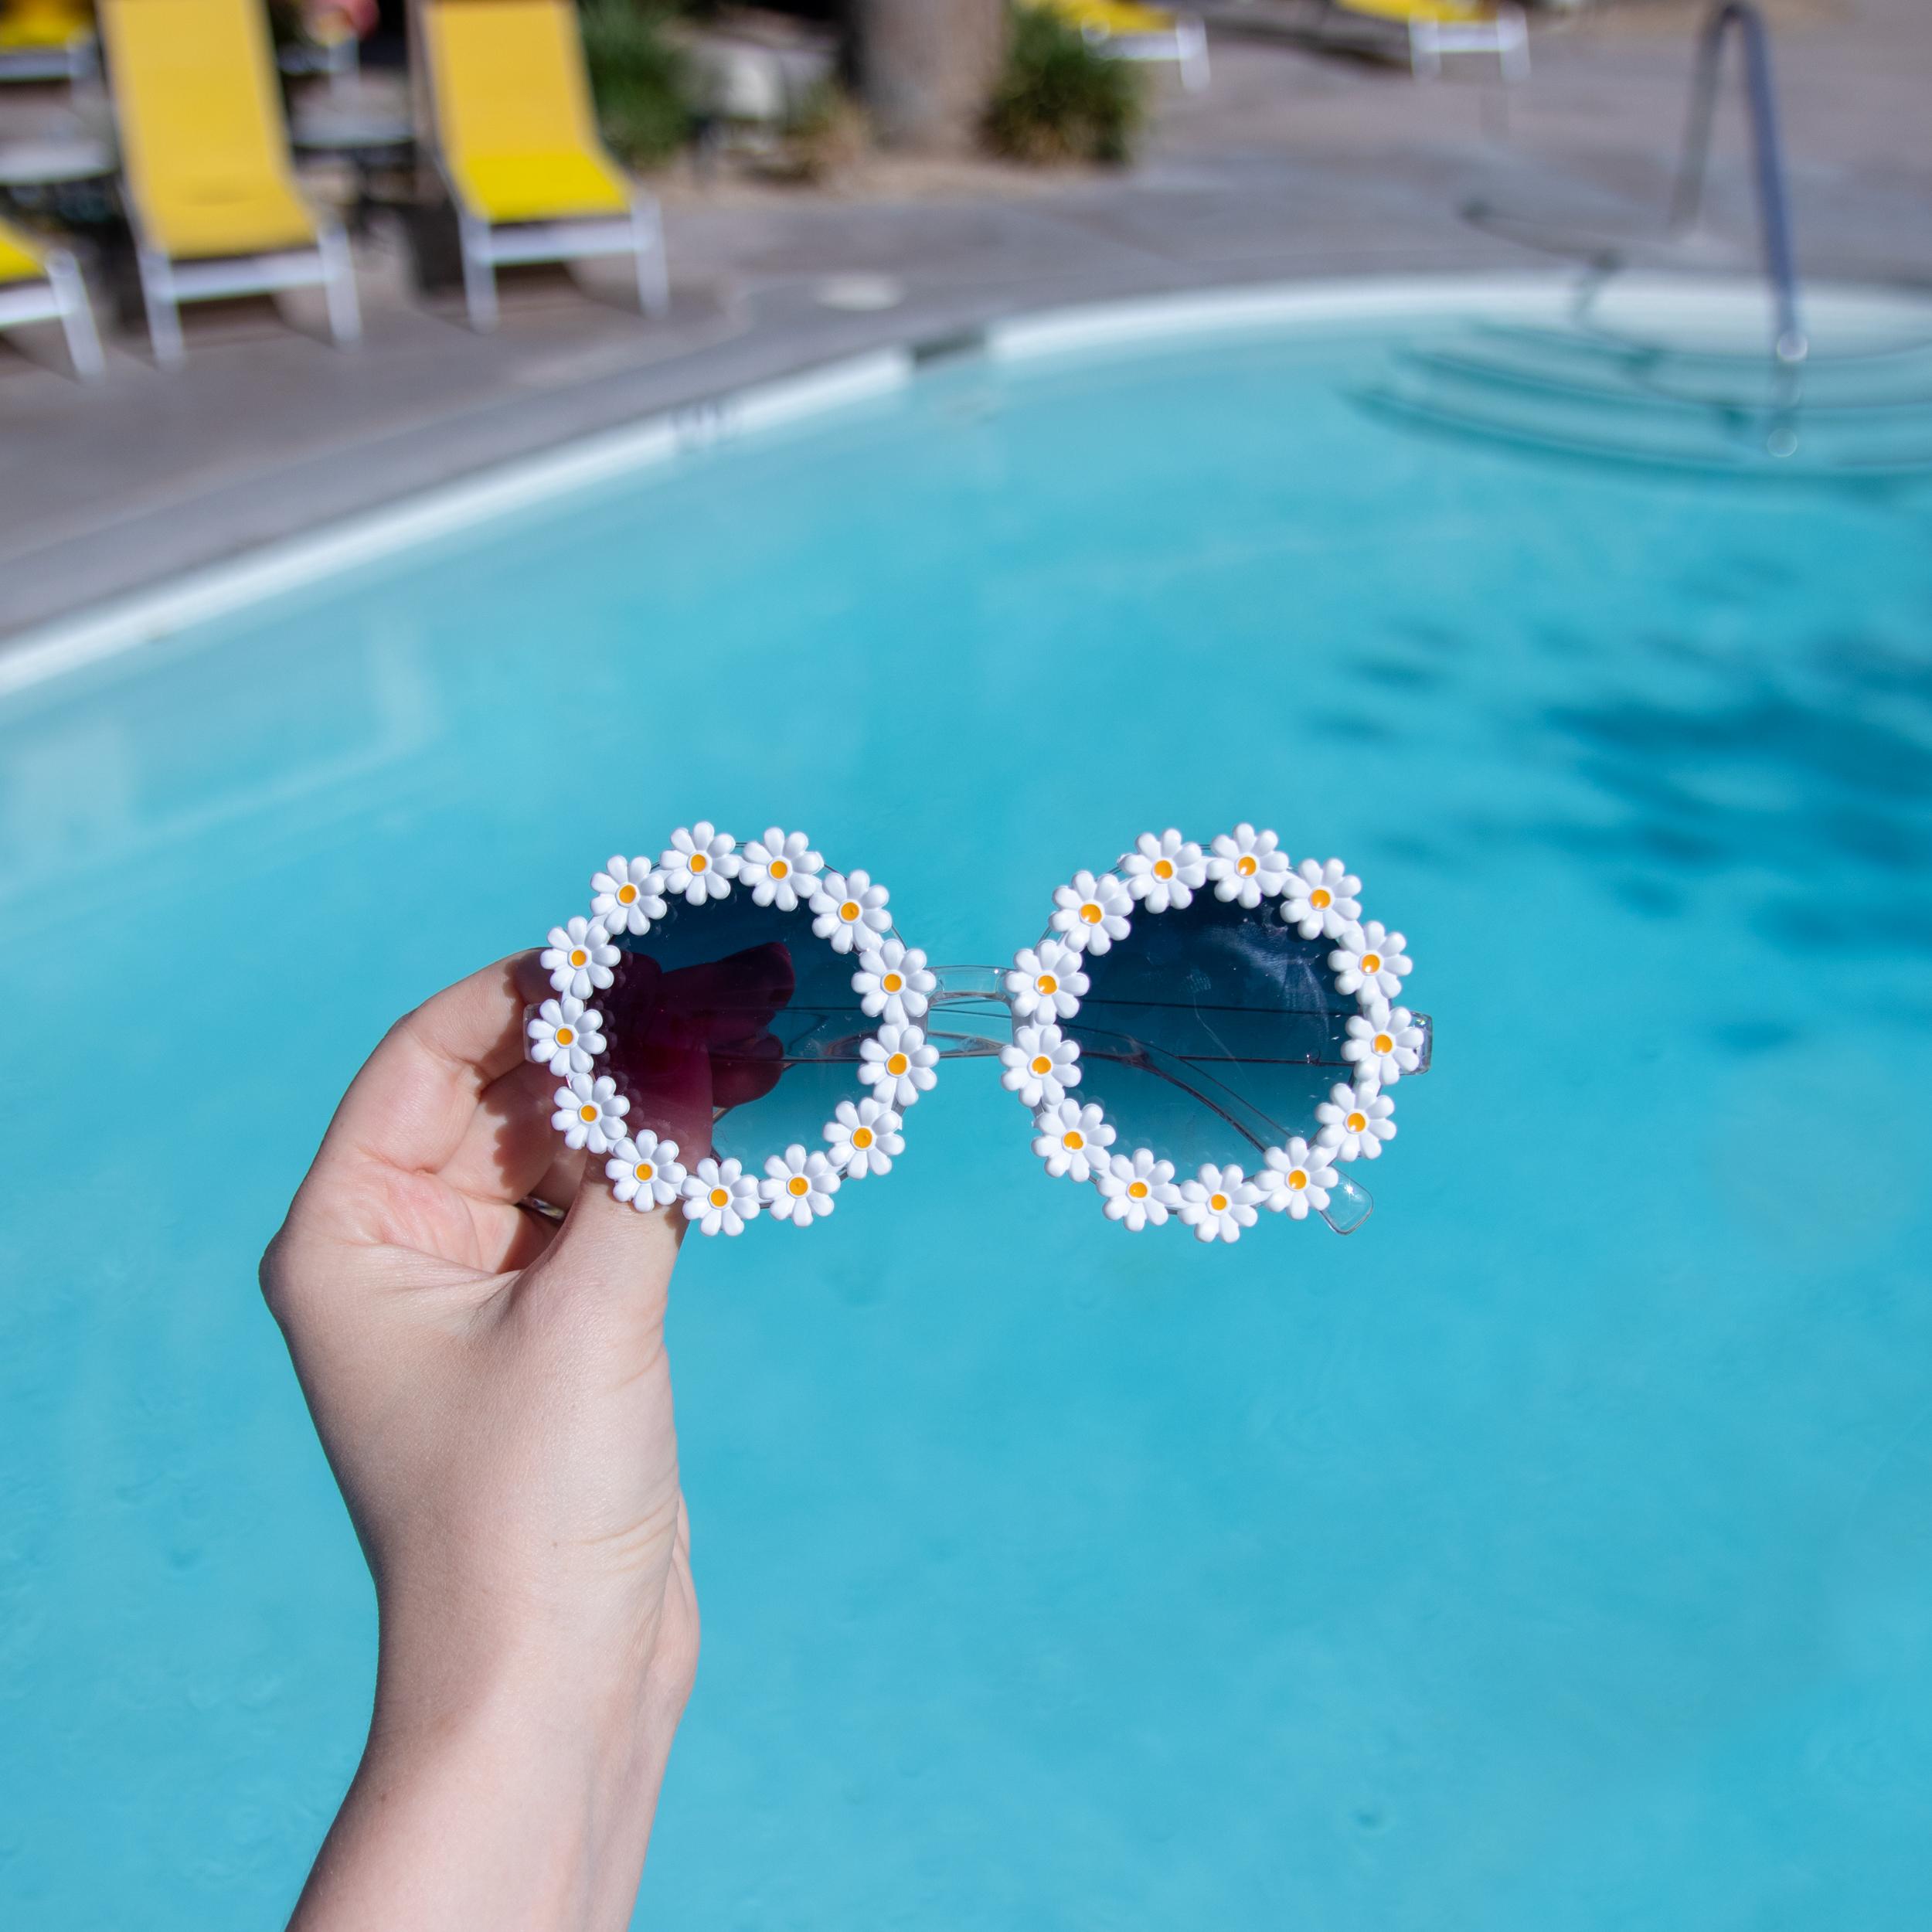 Pool Queen